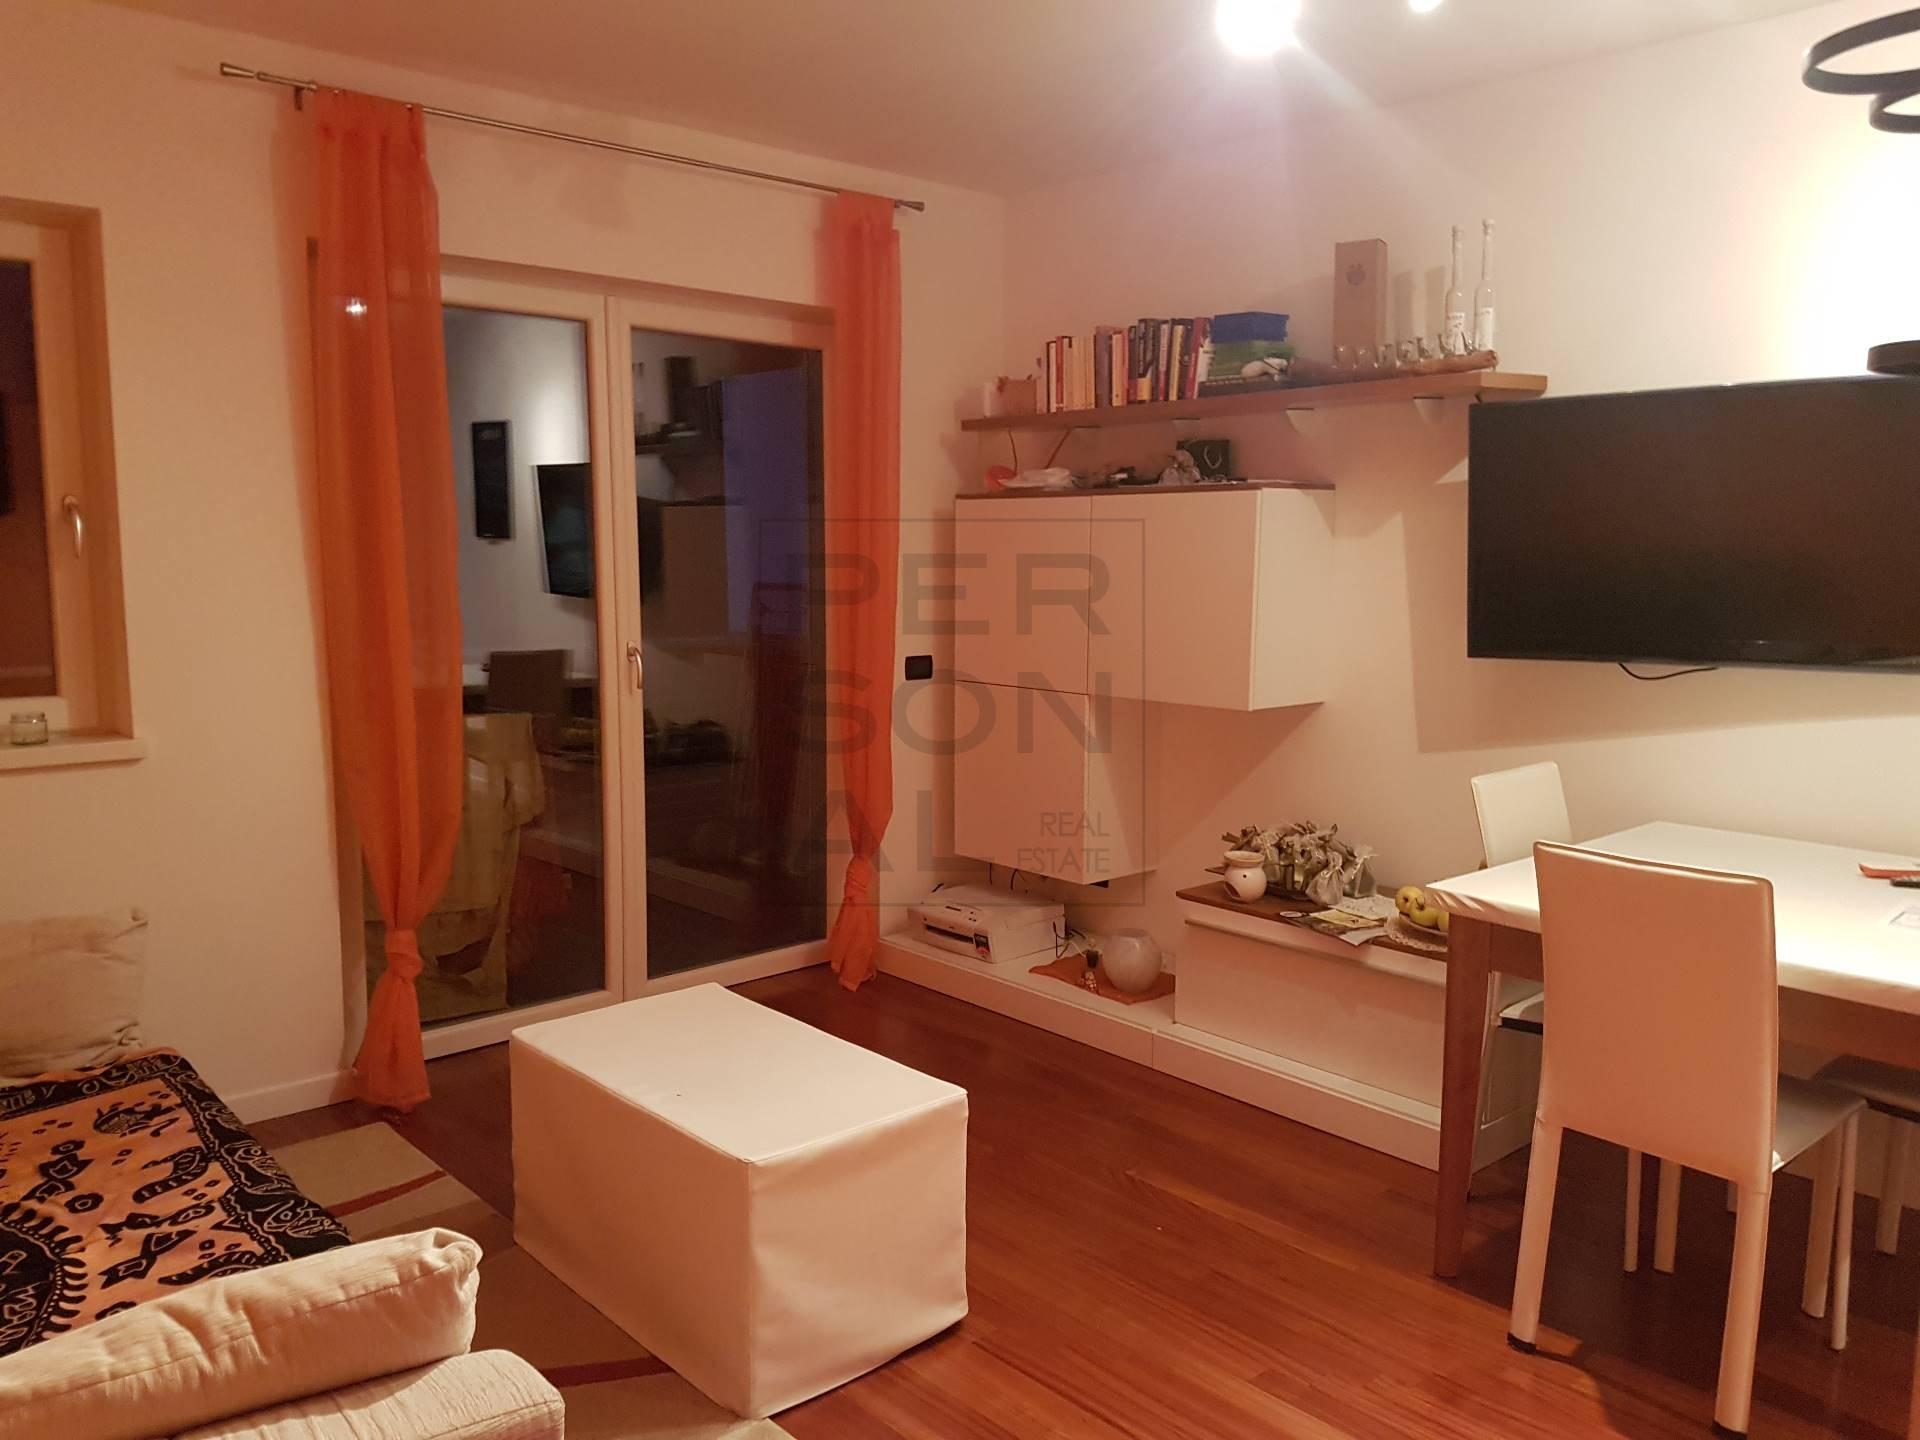 Appartamento in vendita a Egna, 2 locali, zona Zona: Laghetti, prezzo € 185.000   CambioCasa.it